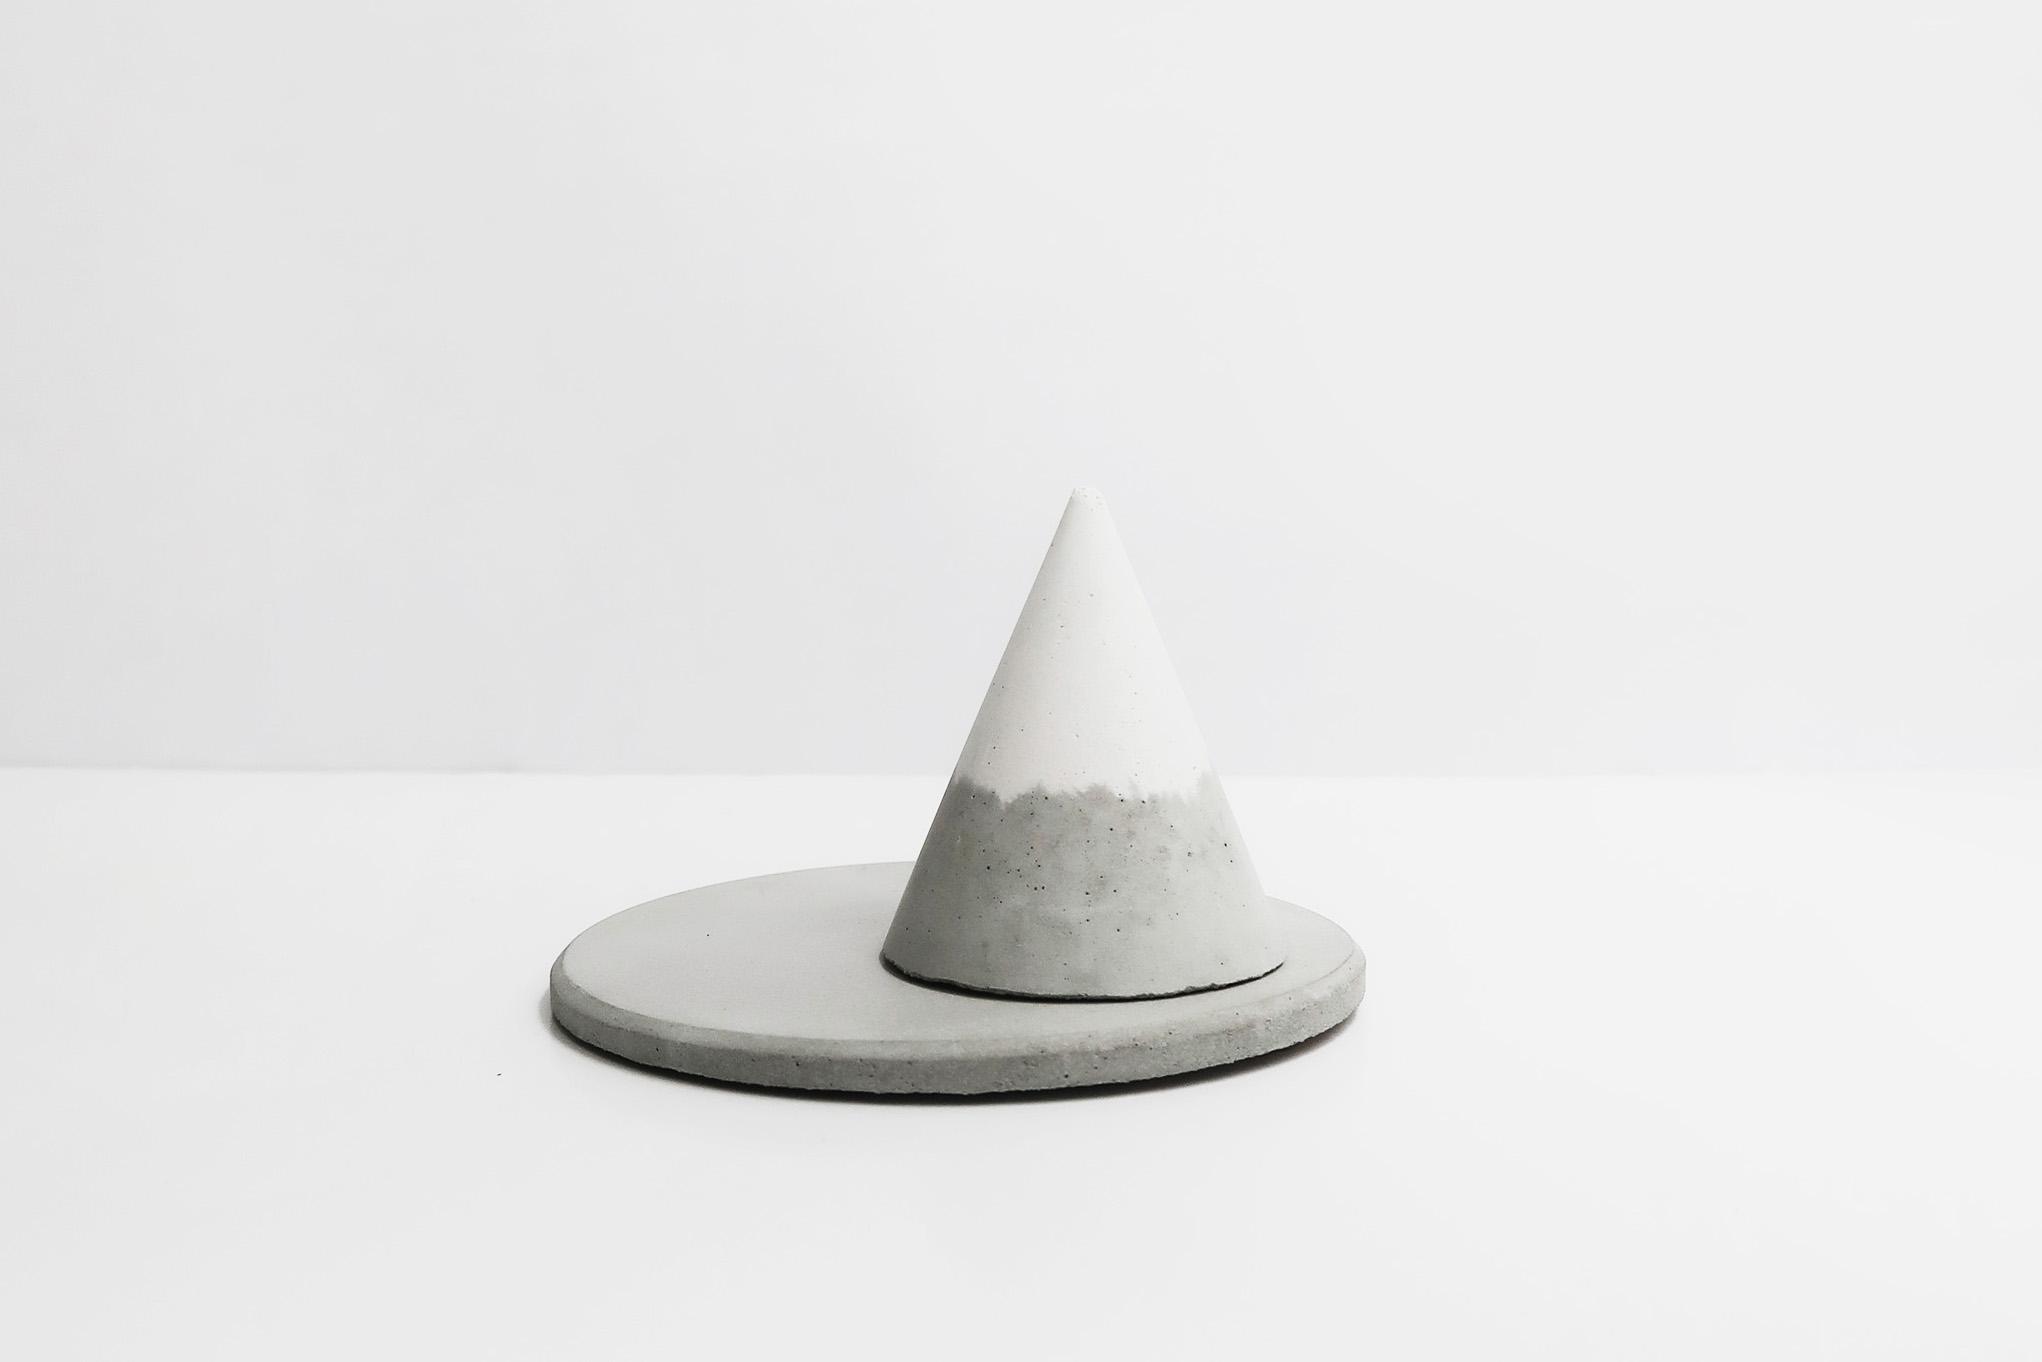 SNOWPACK 小山雪錐形水泥戒指座 + 飾品盤